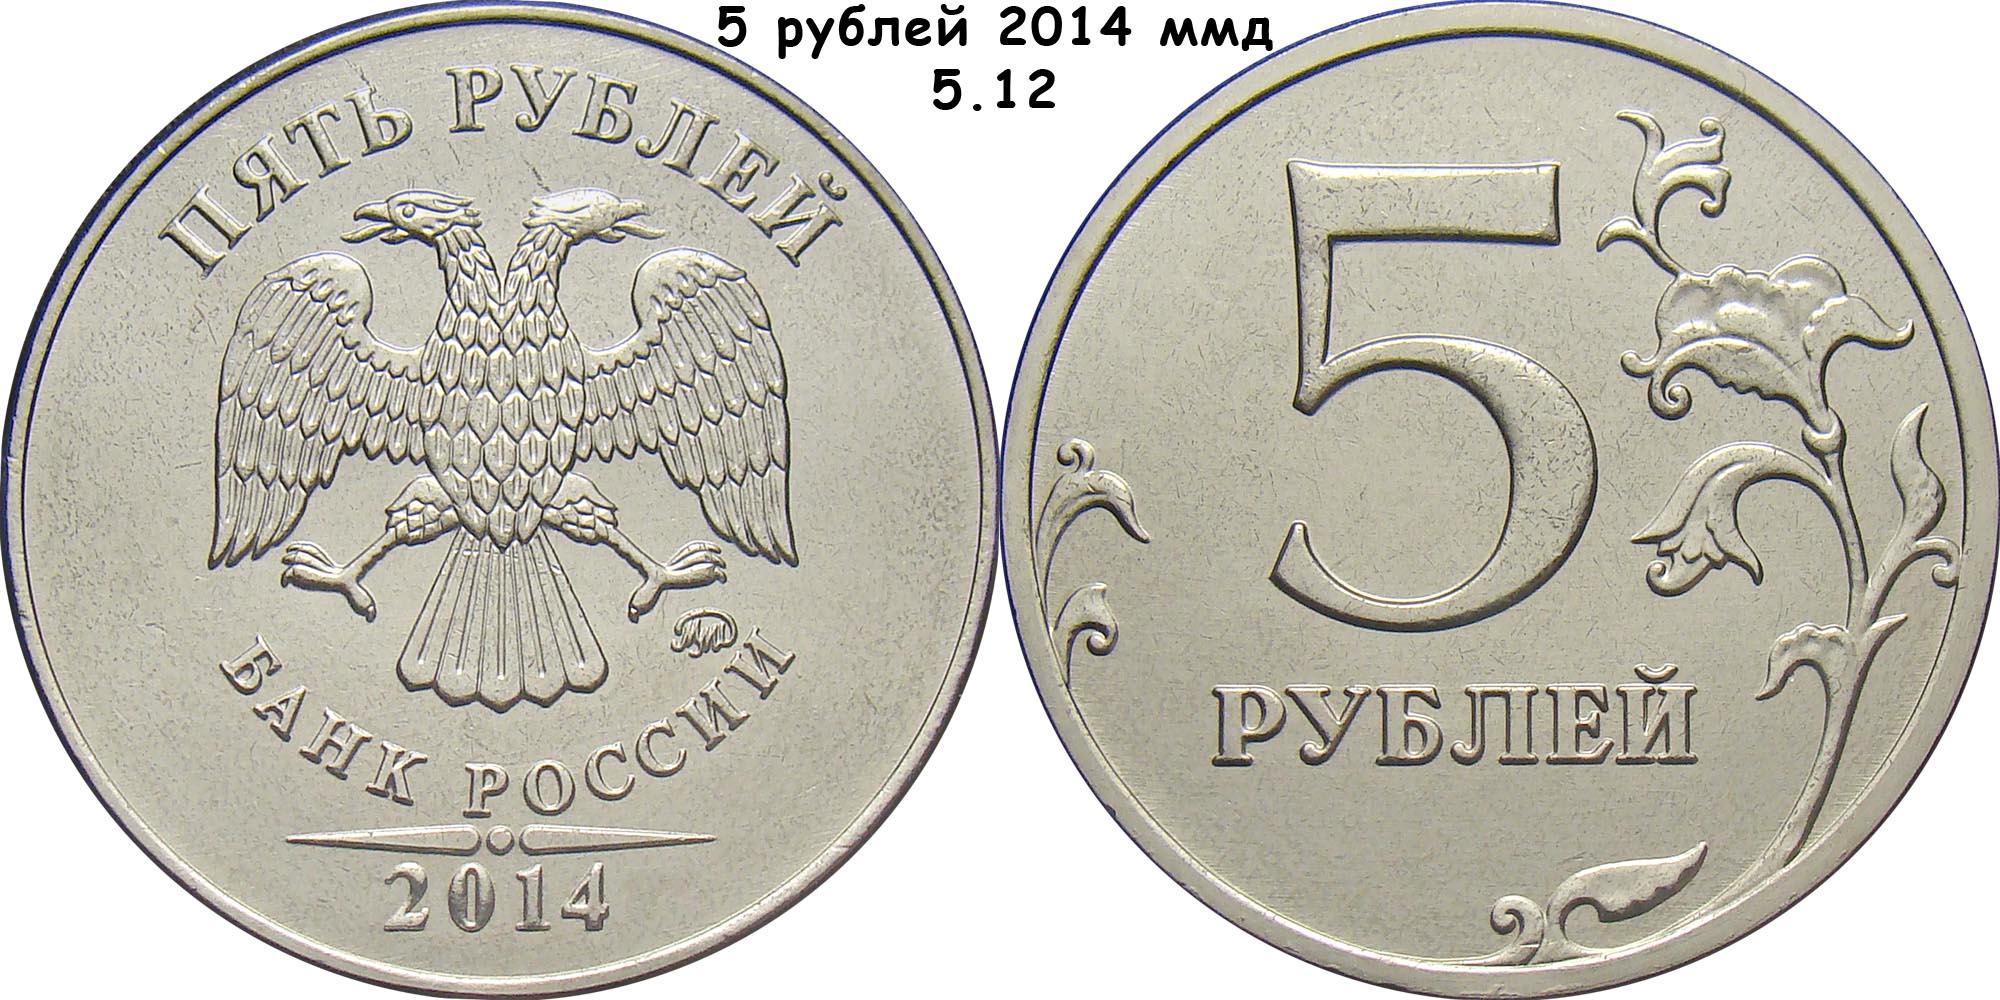 Российские юбилейные монеты 2014 - 2015 гг